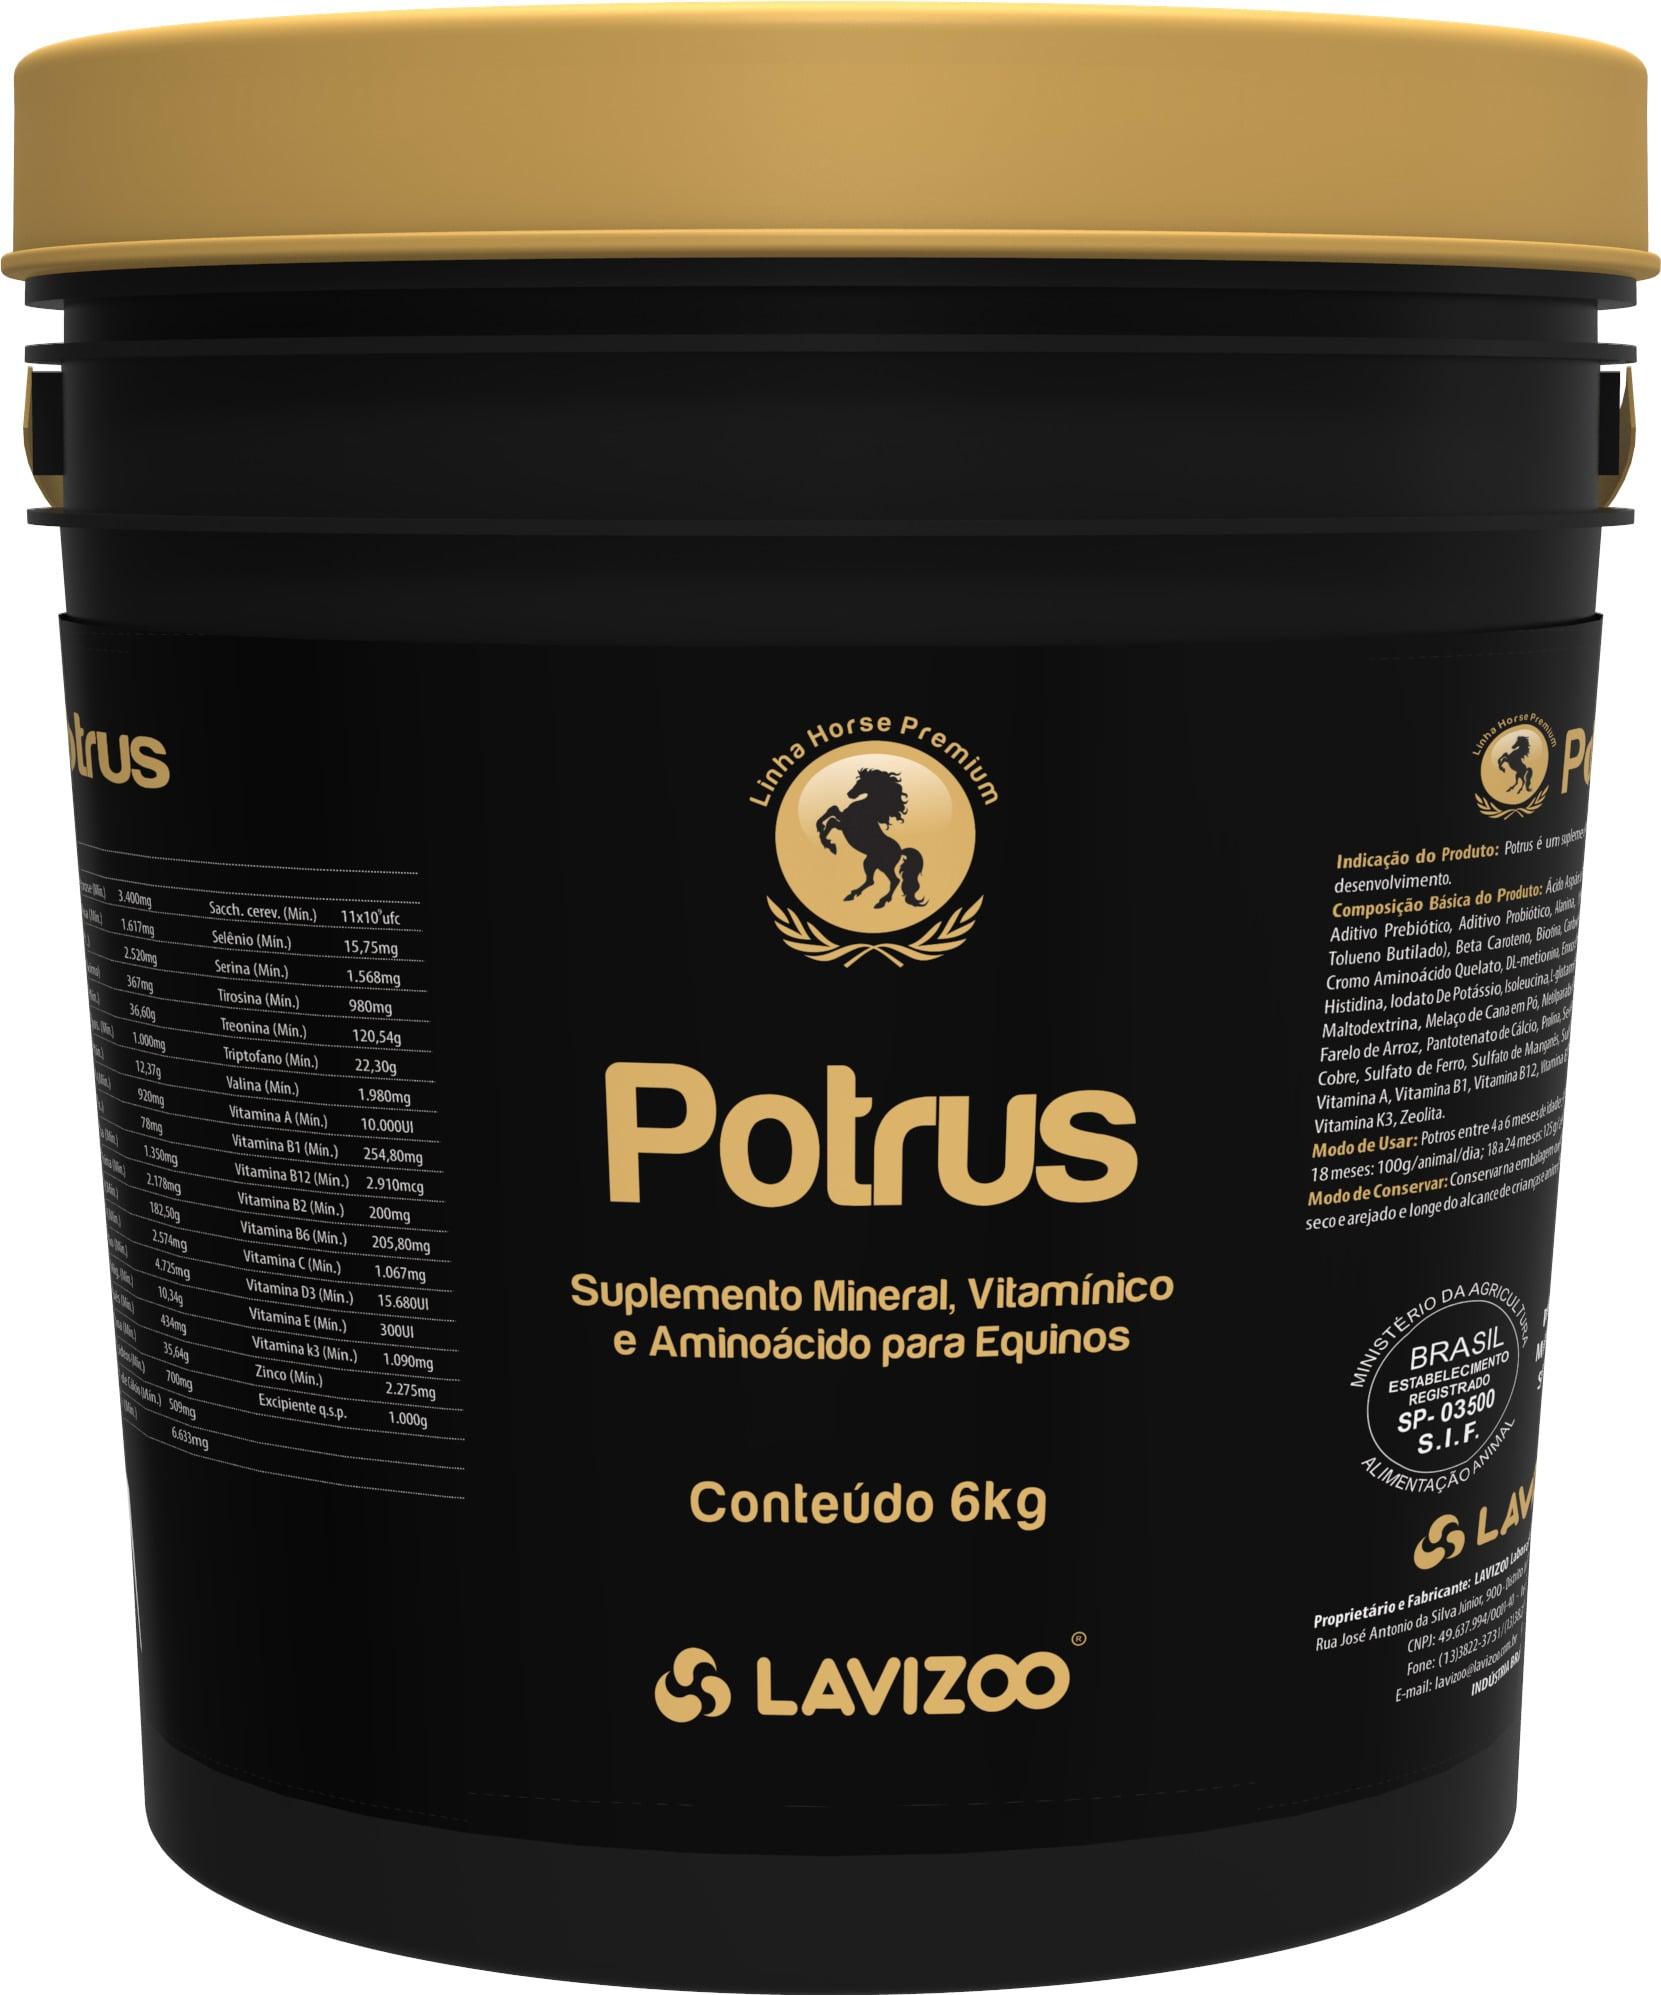 Potrus 6kg Lavizoo - Linha Premium Suplementação Equina